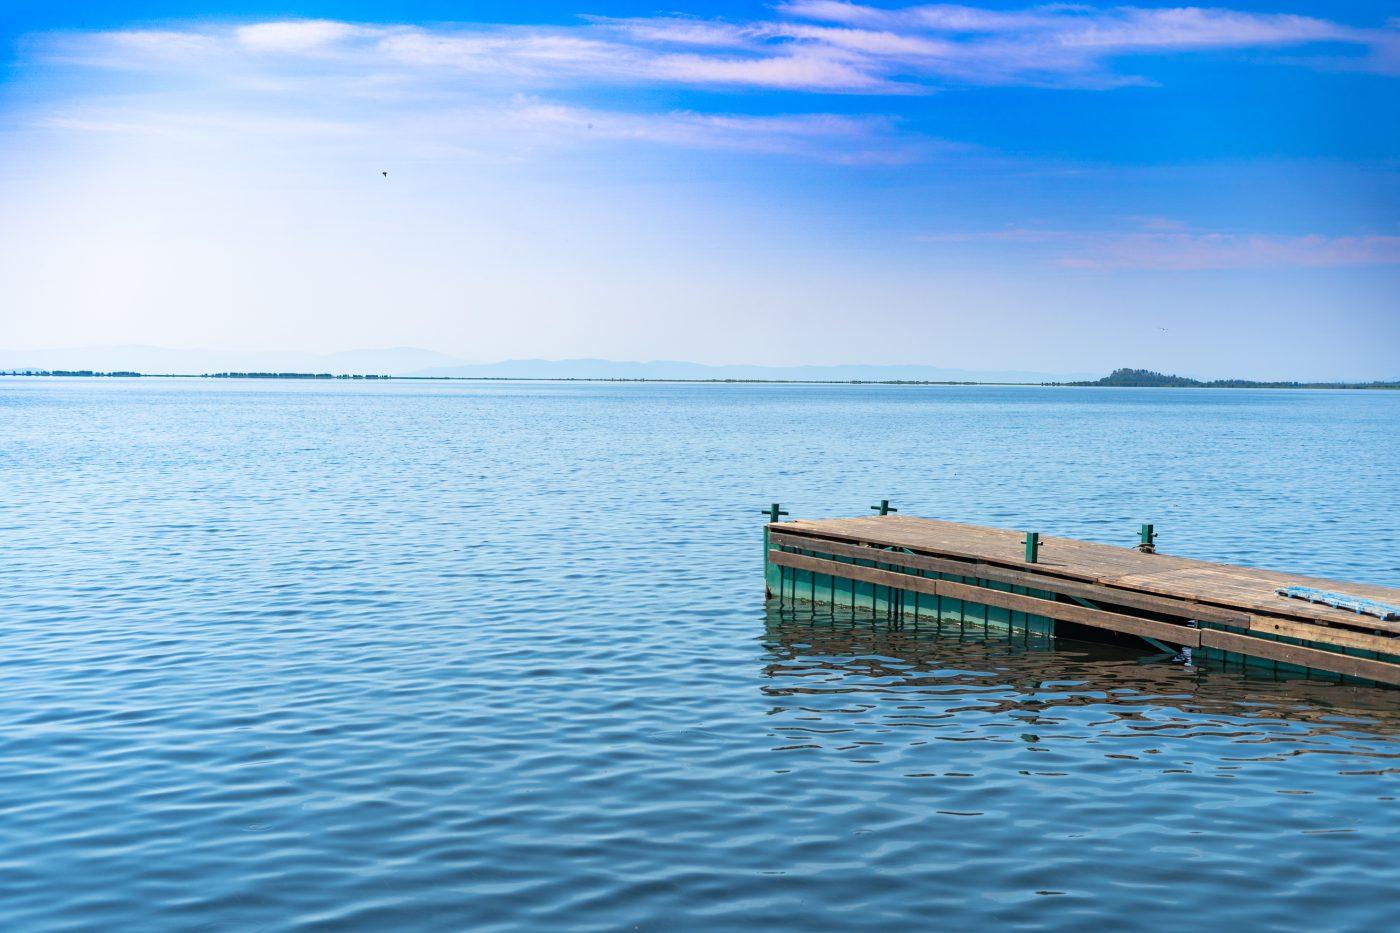 Фонд «Озеро Байкал» вошел в экспертный совет по ООПТ при Минприроды РФ